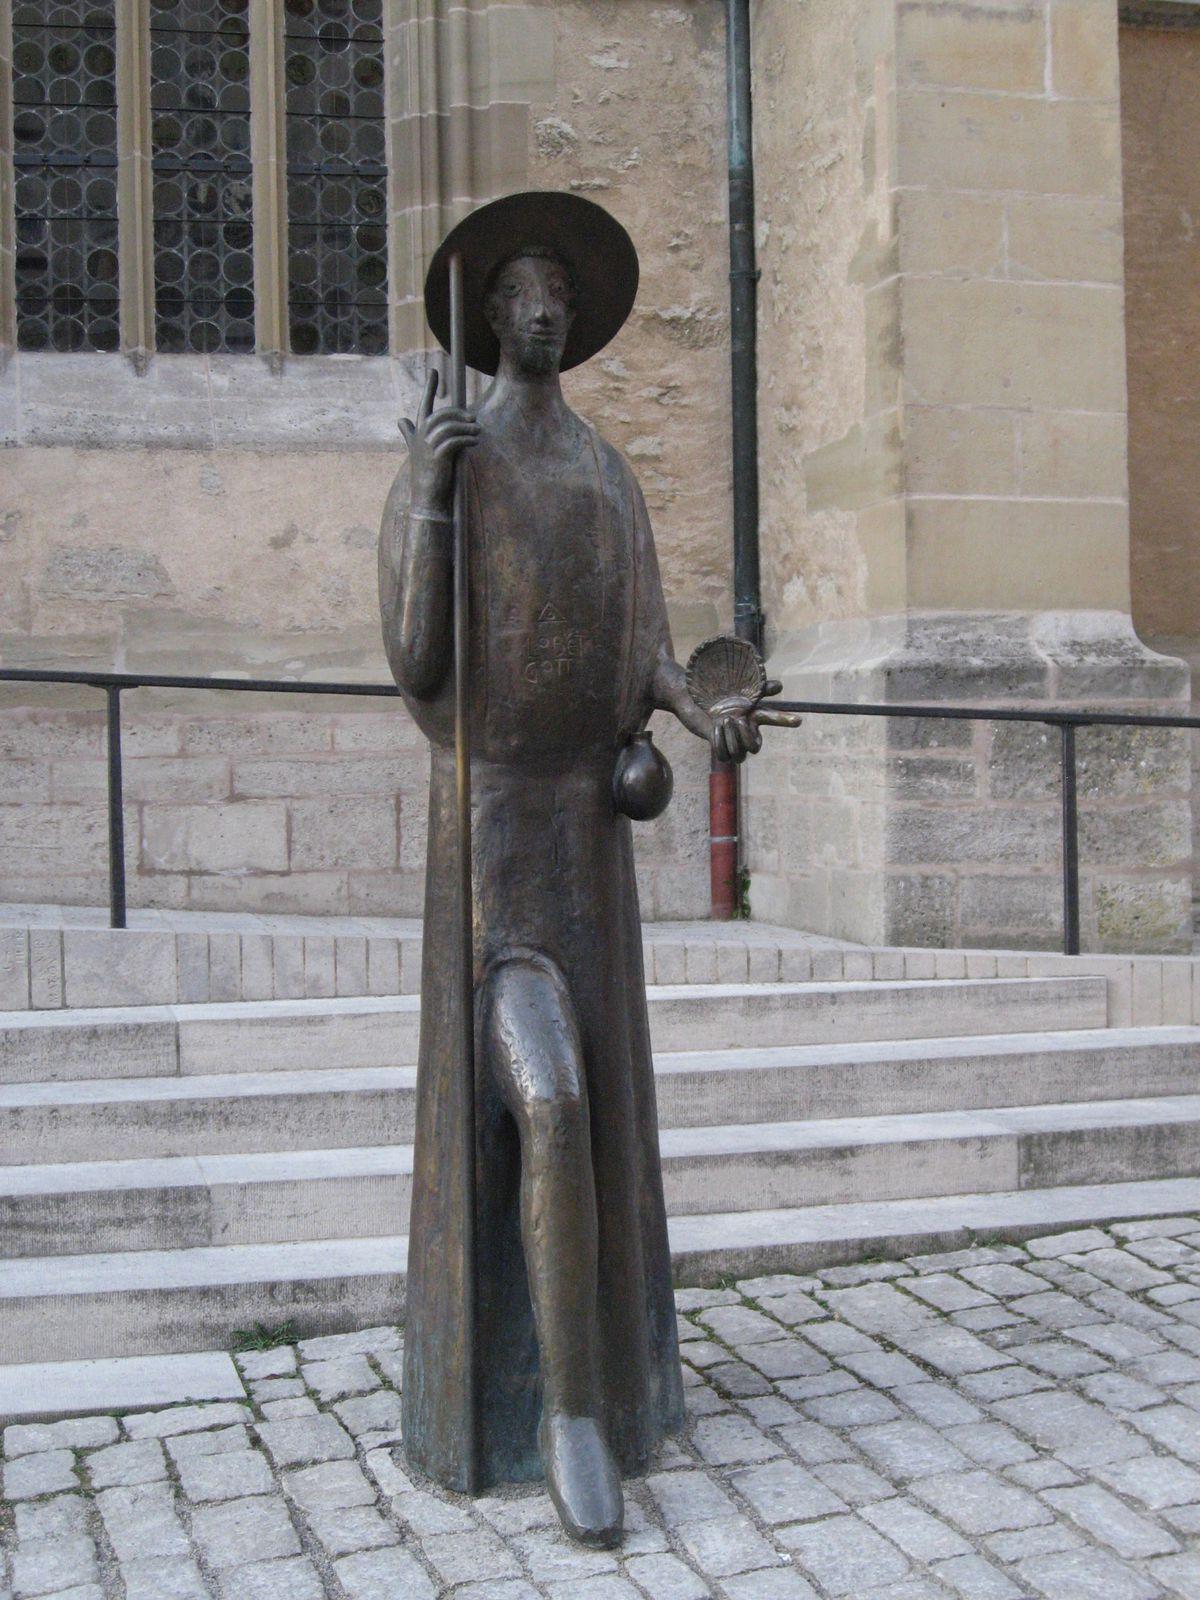 ... s'l s'arrêtait pour attendre un nouveau pèlerin... (la route serait longue ! photo prise en Bavière à Rothenbourg)